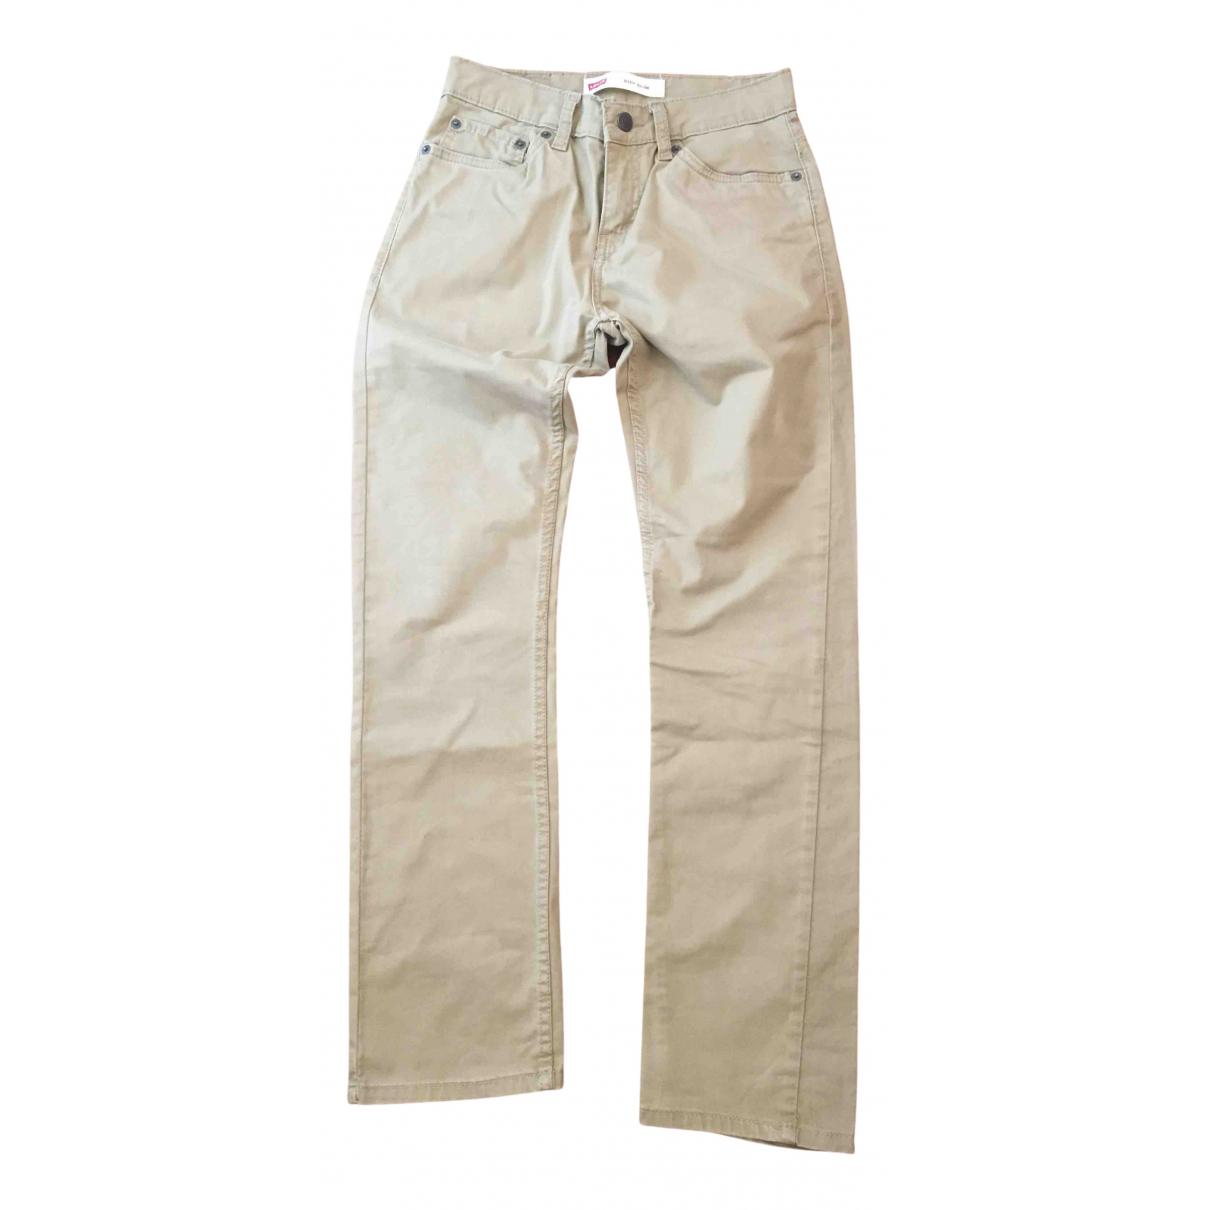 Pantalones en Algodon Beige Levis